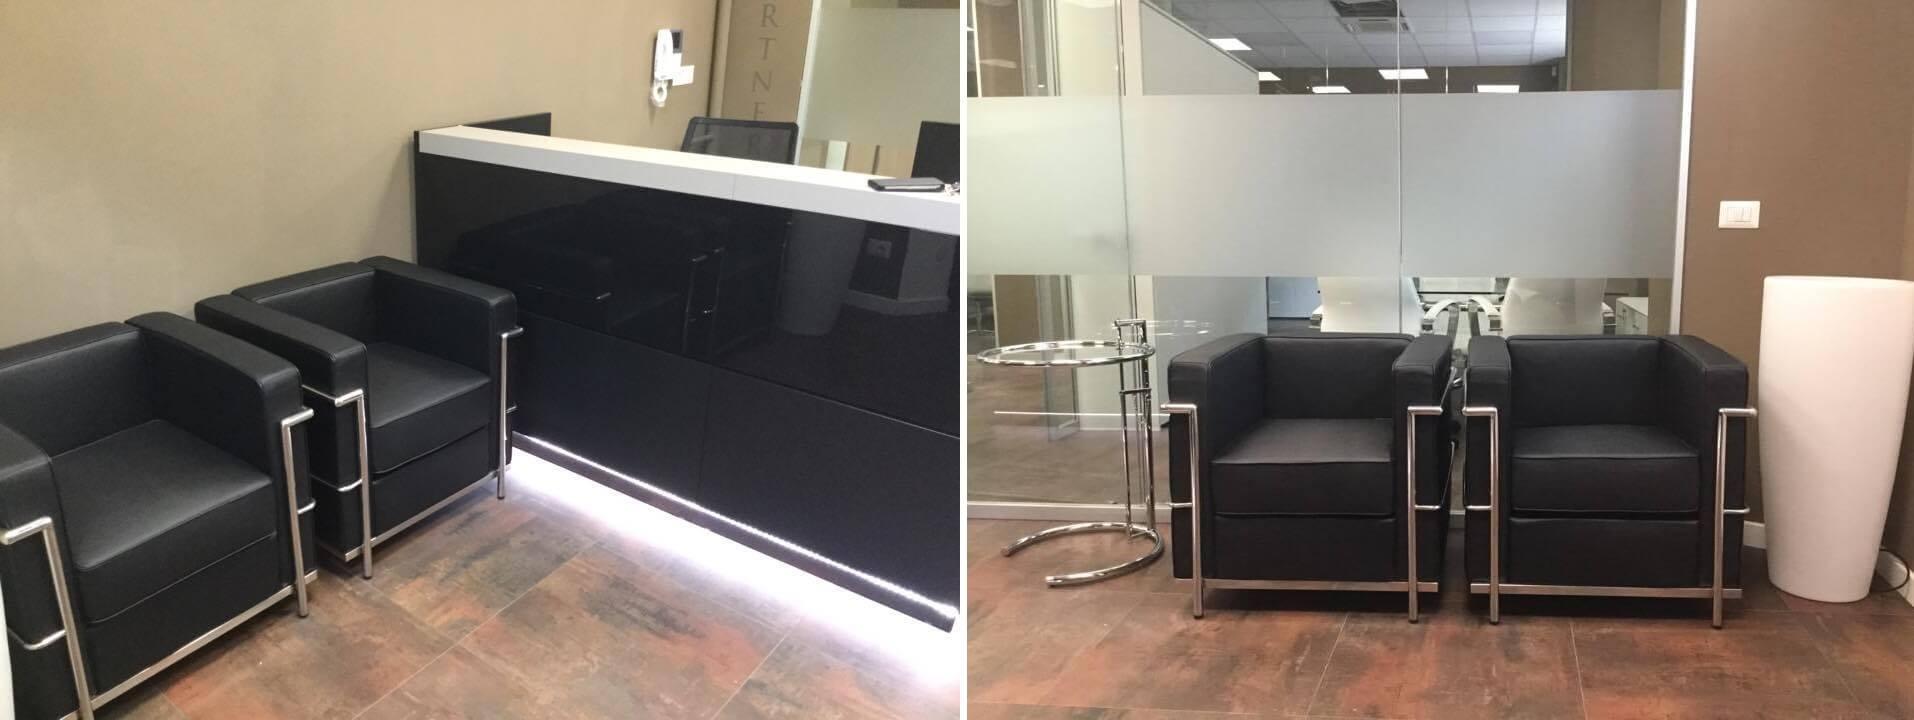 Realizzazione completa Mast & Partners – Roma (13)